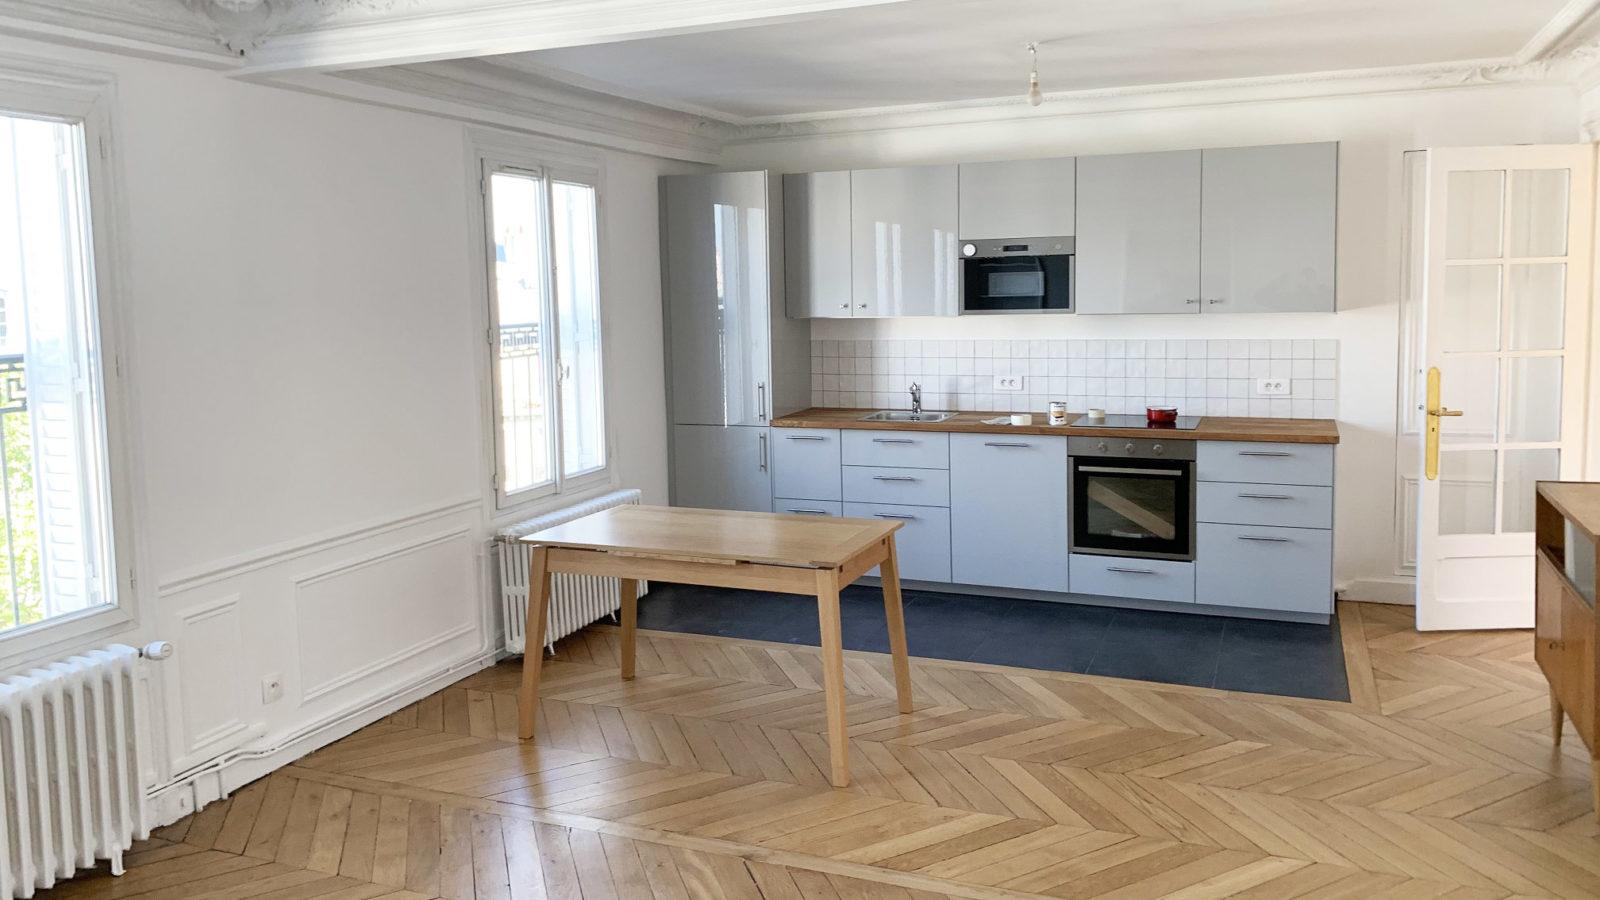 entreprise de rénovation Paris, Renov a Paris. Appartements, maisons, bureaux.